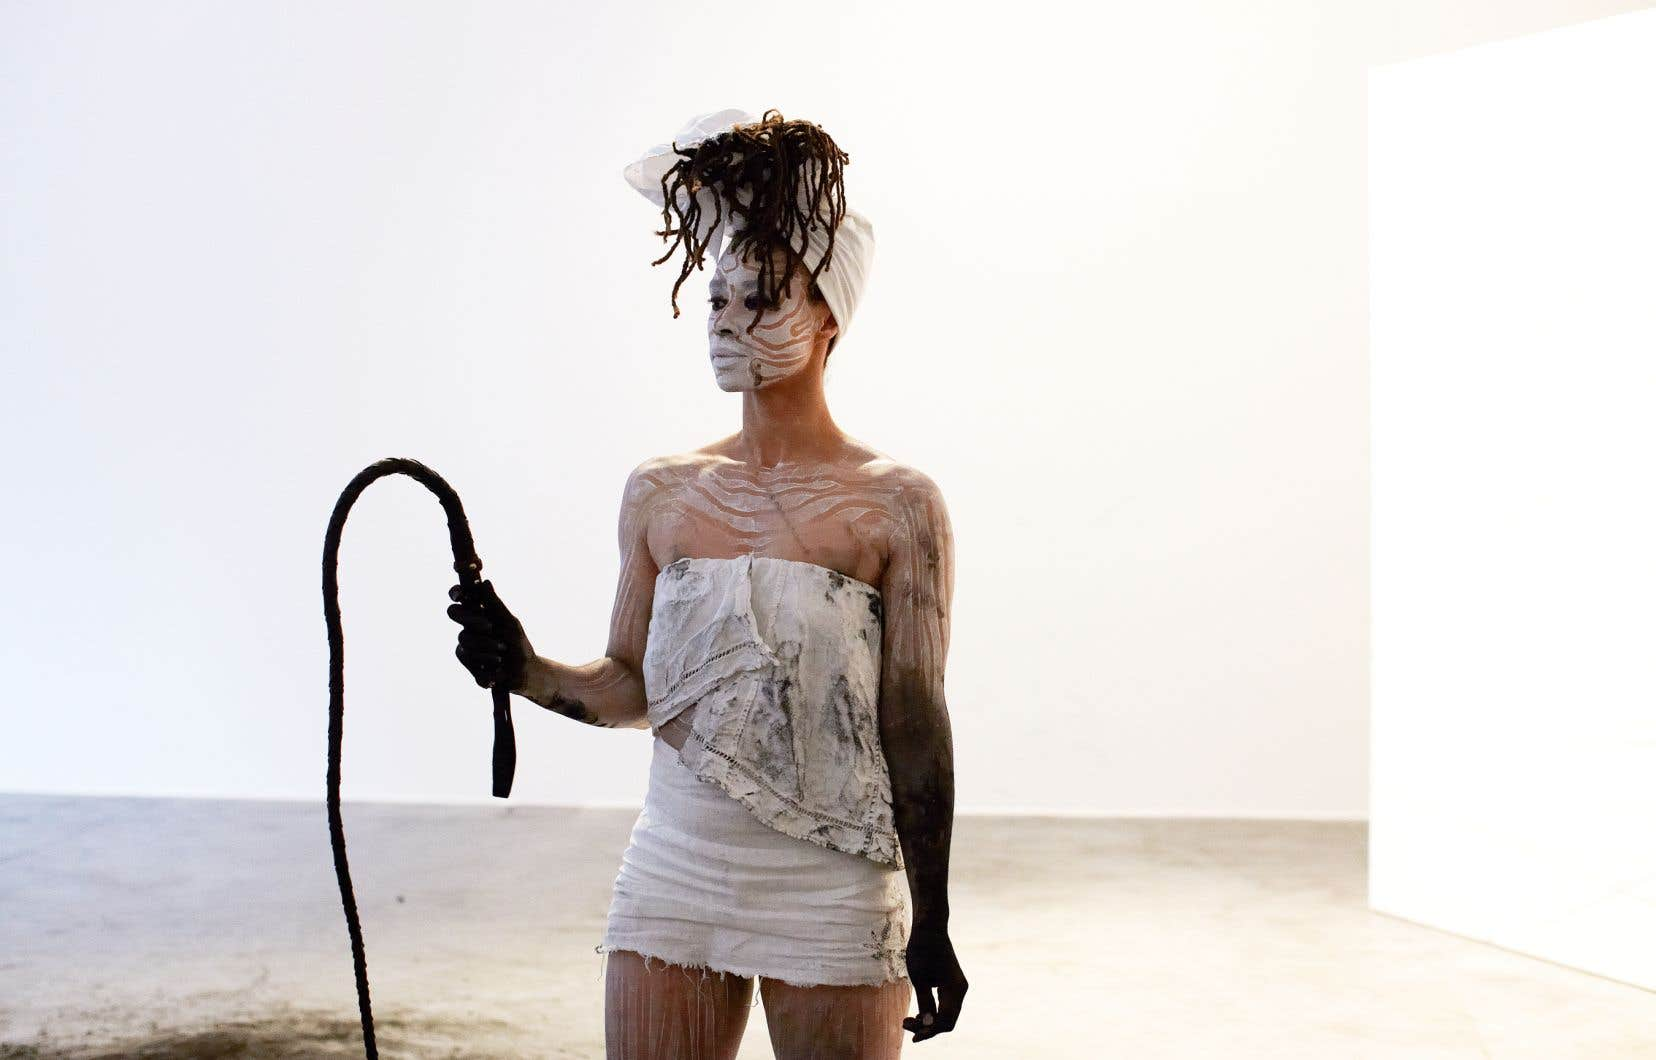 L'artiste dano-trinidadienne Jeannette Ehlers est du programme de performances de la première Af-Flux, la Biennale transnationale noire.